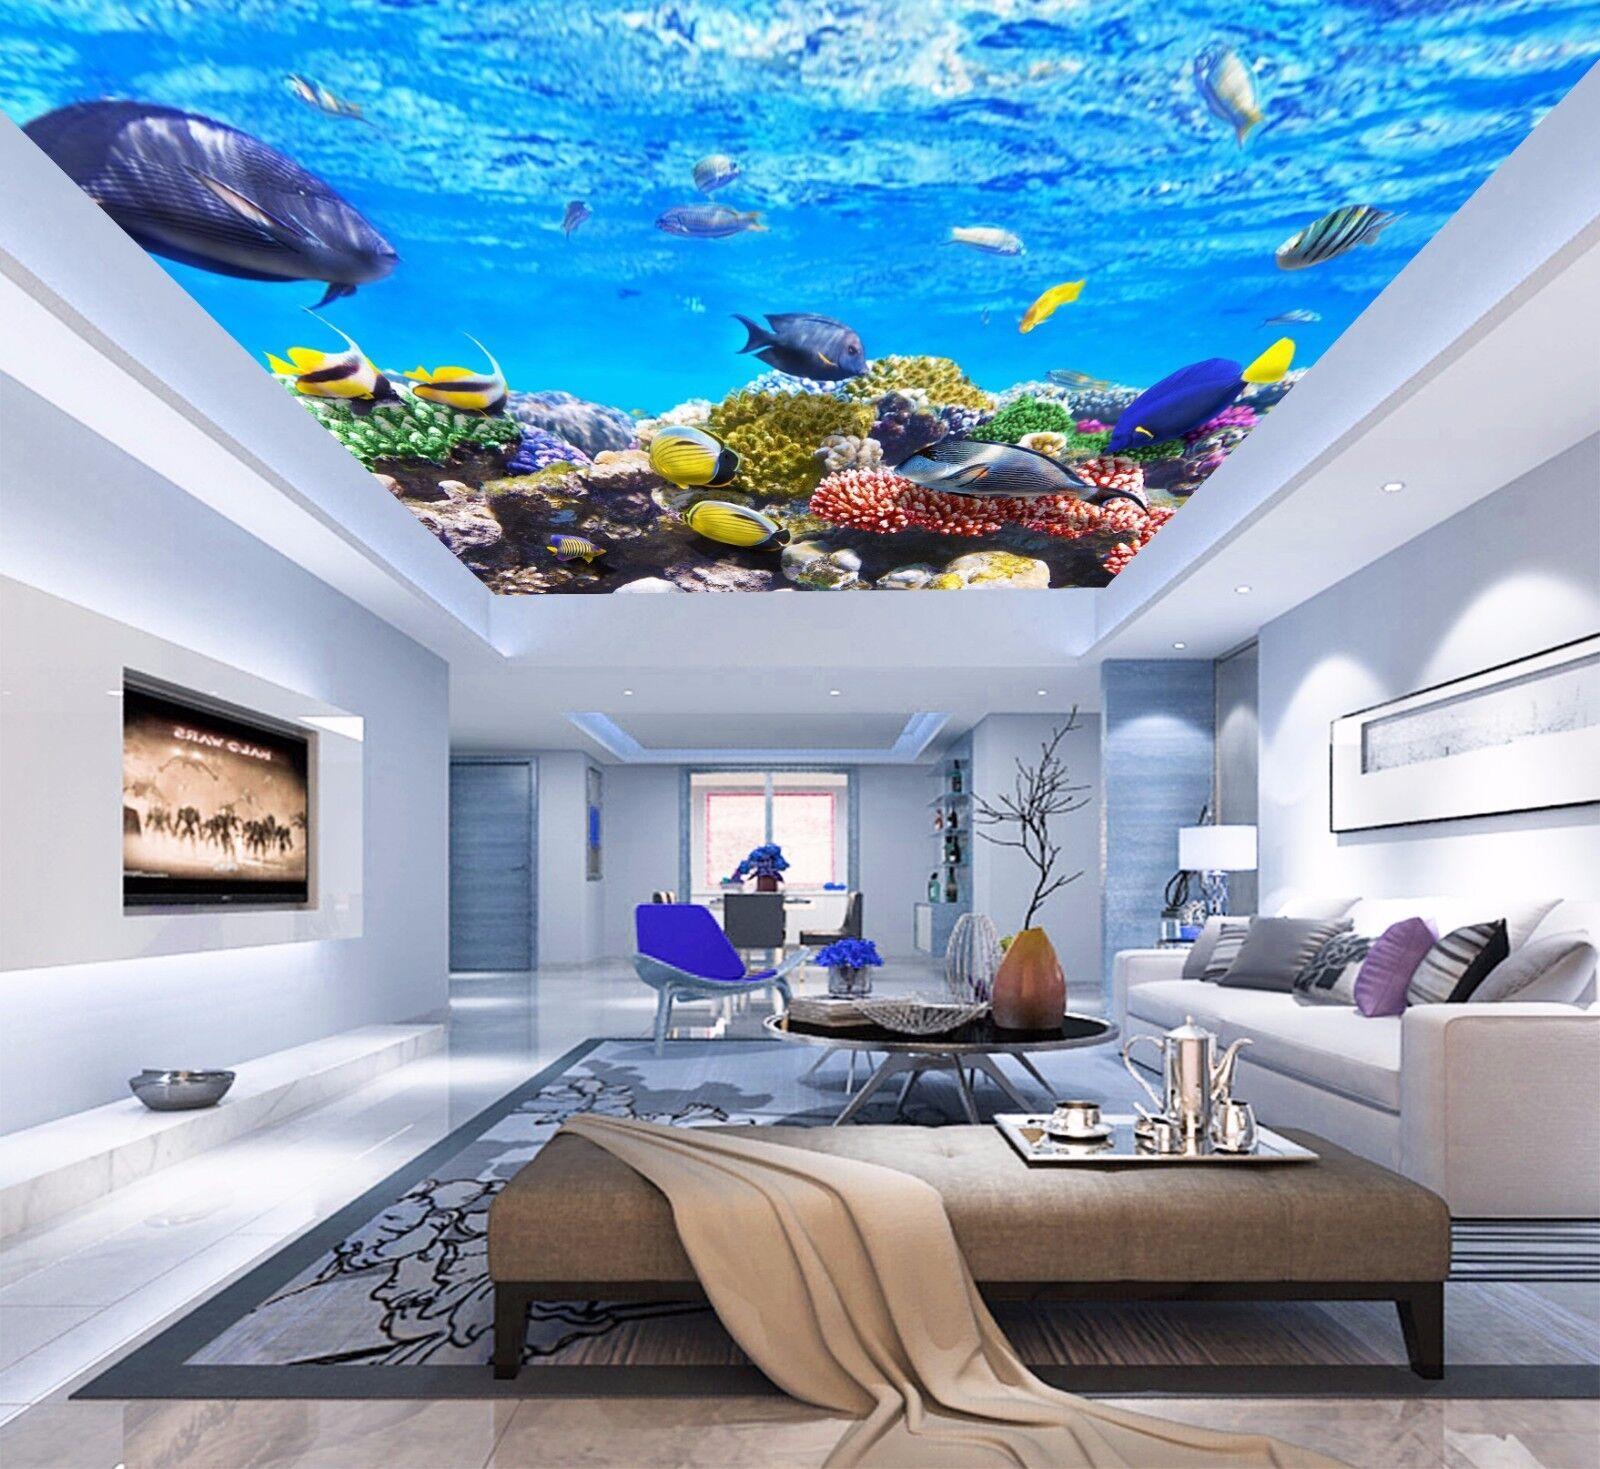 3D Fish Sea 43 Ceiling WallPaper Murals Wall Print Decal Deco AJ WALLPAPER AU